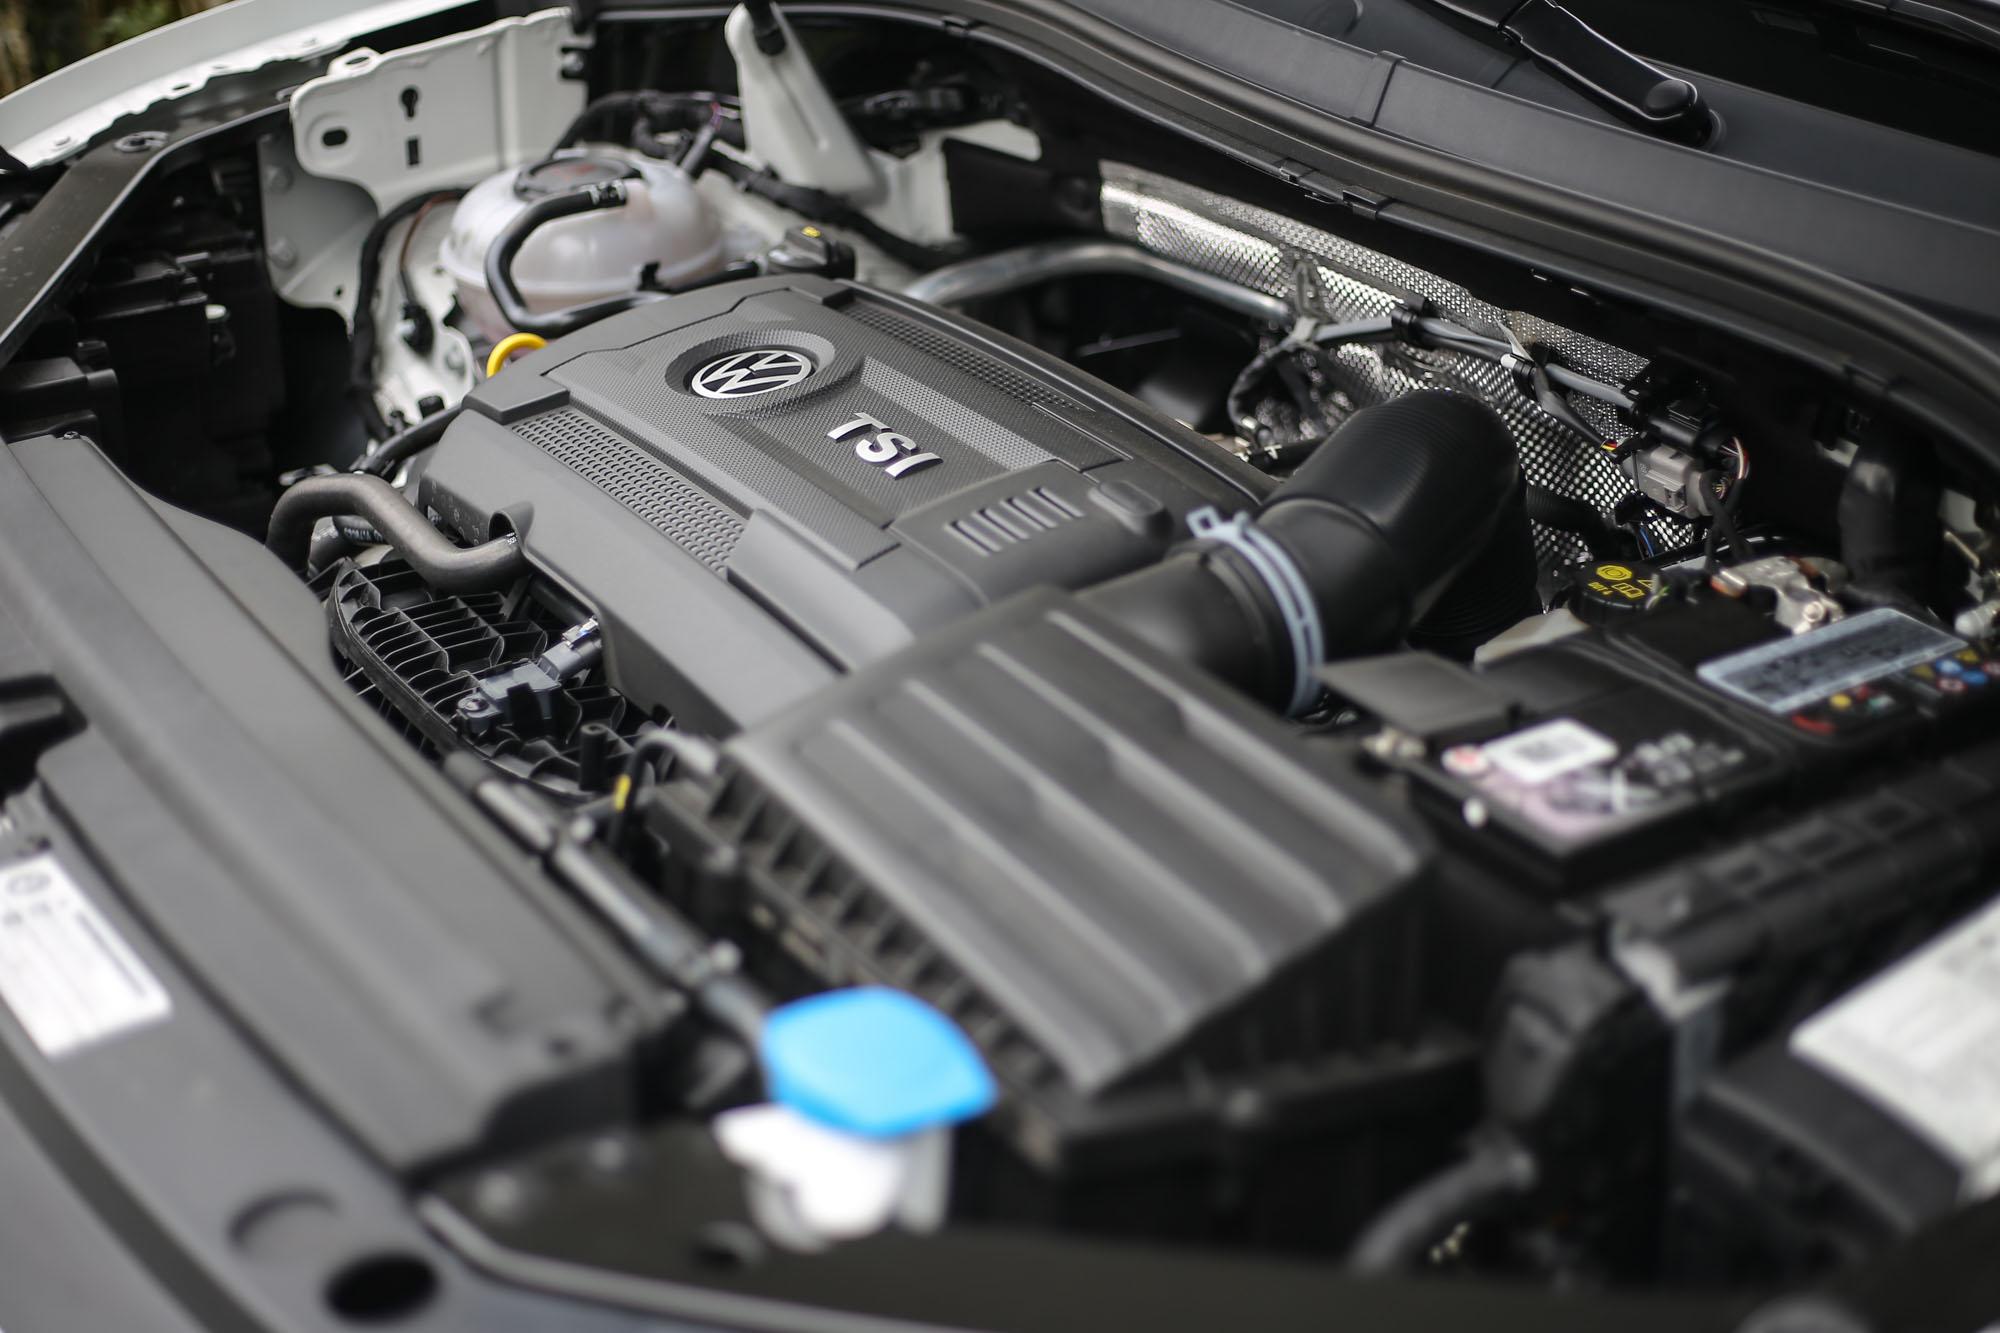 目前引進的Tiguan車型,全車系皆搭載2.0升渦輪增壓汽油引擎,而Tiguan 380 TSI車型具有最出色的220hp/35.7kgm動力輸出。